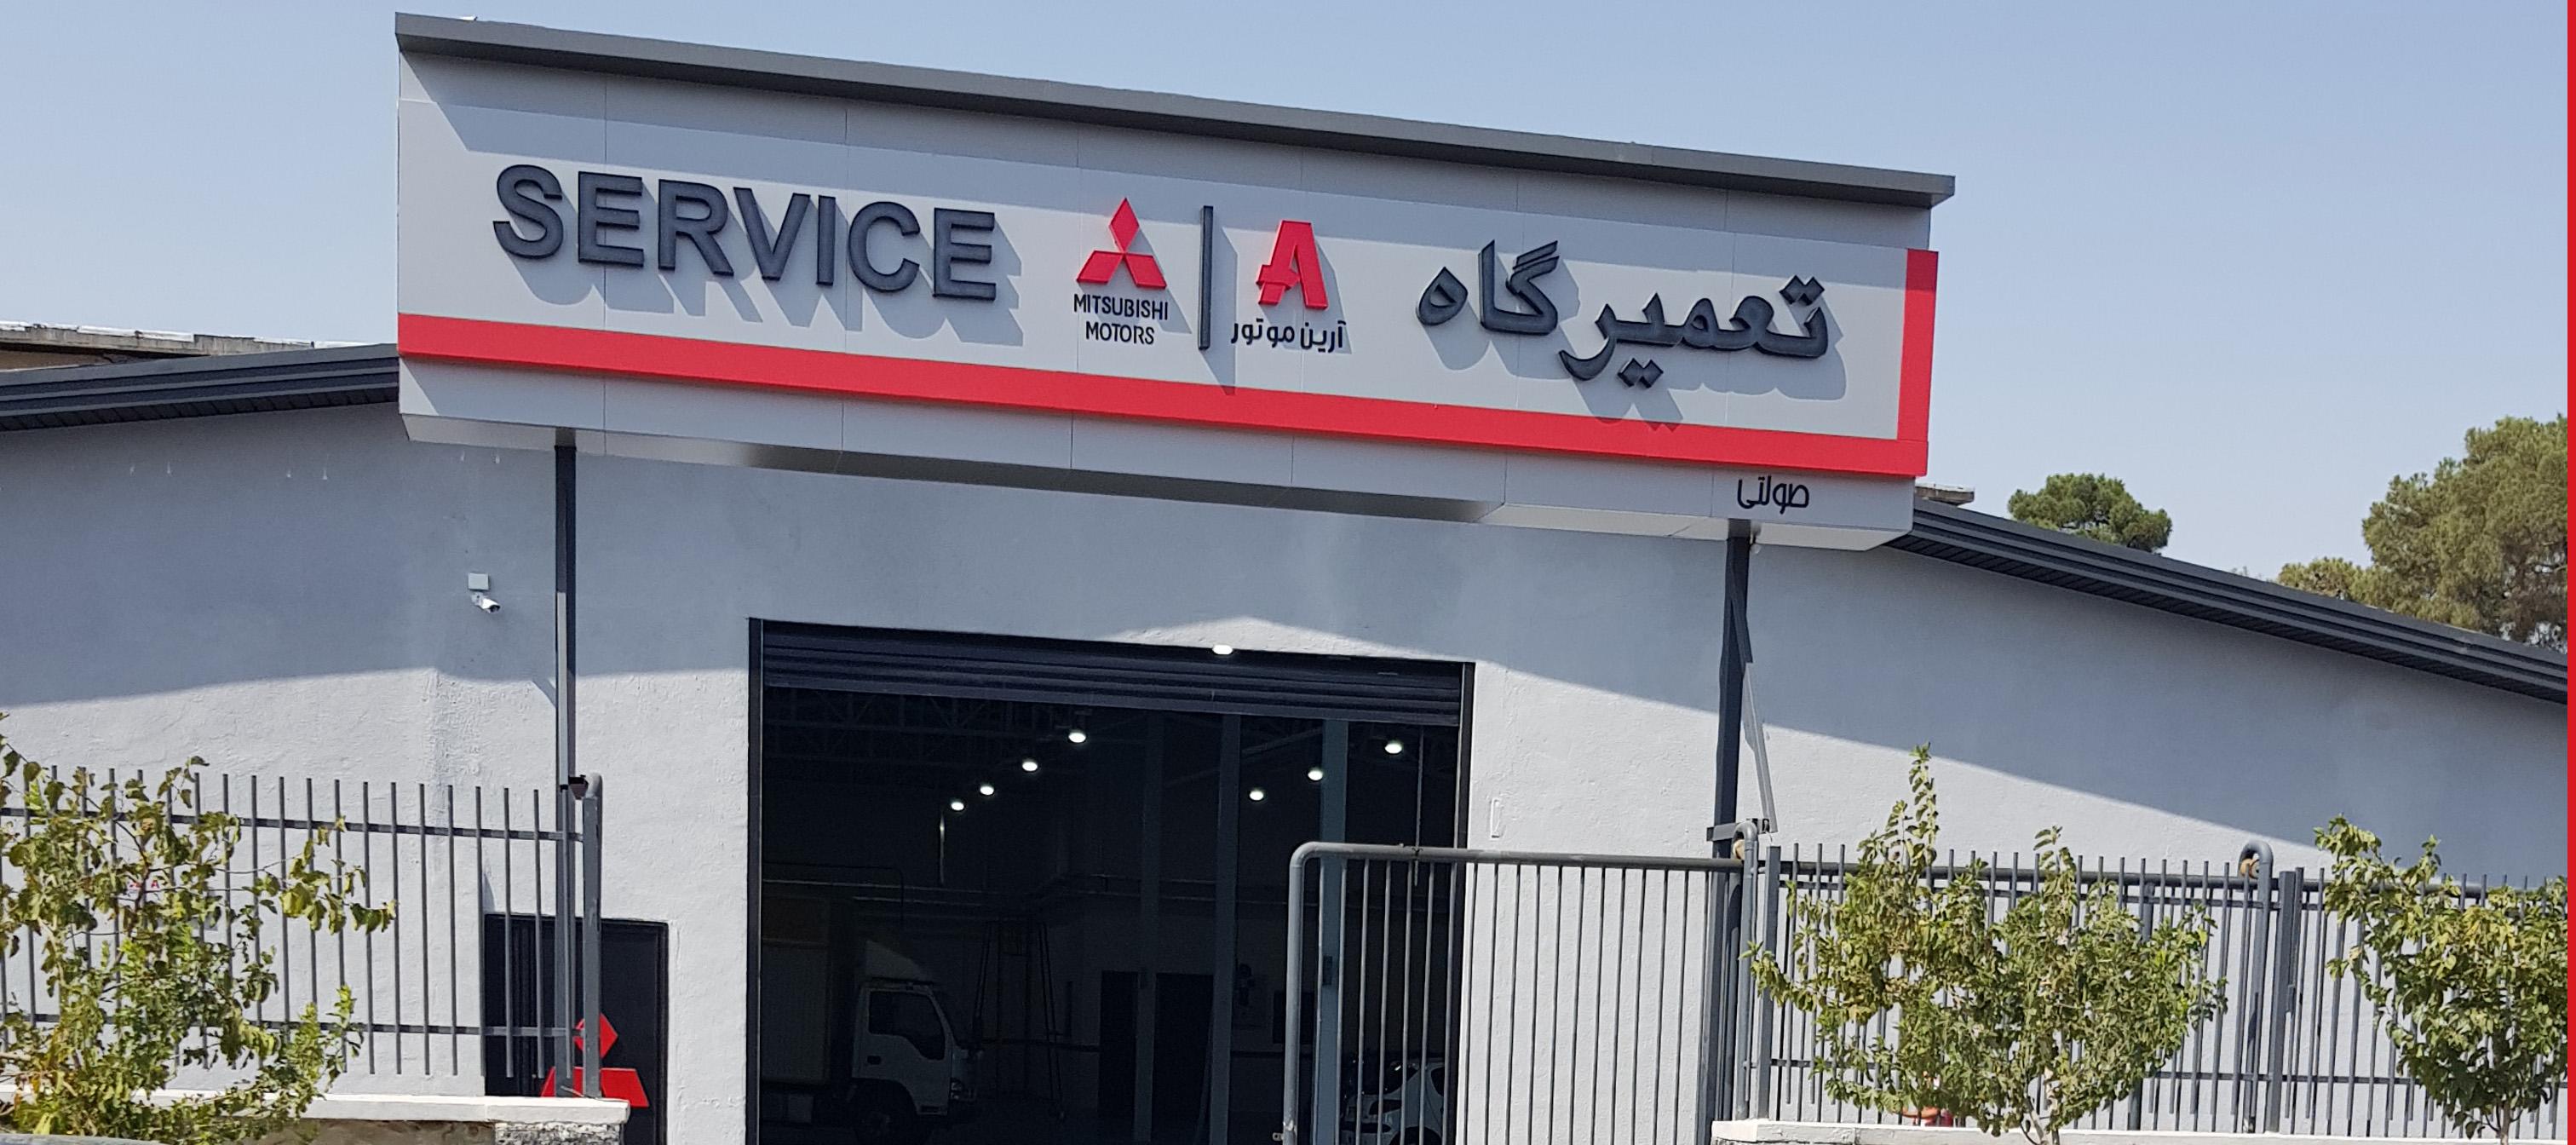 افتتاح مرکز خدمات پس از فروش آرتان موتور آریایی